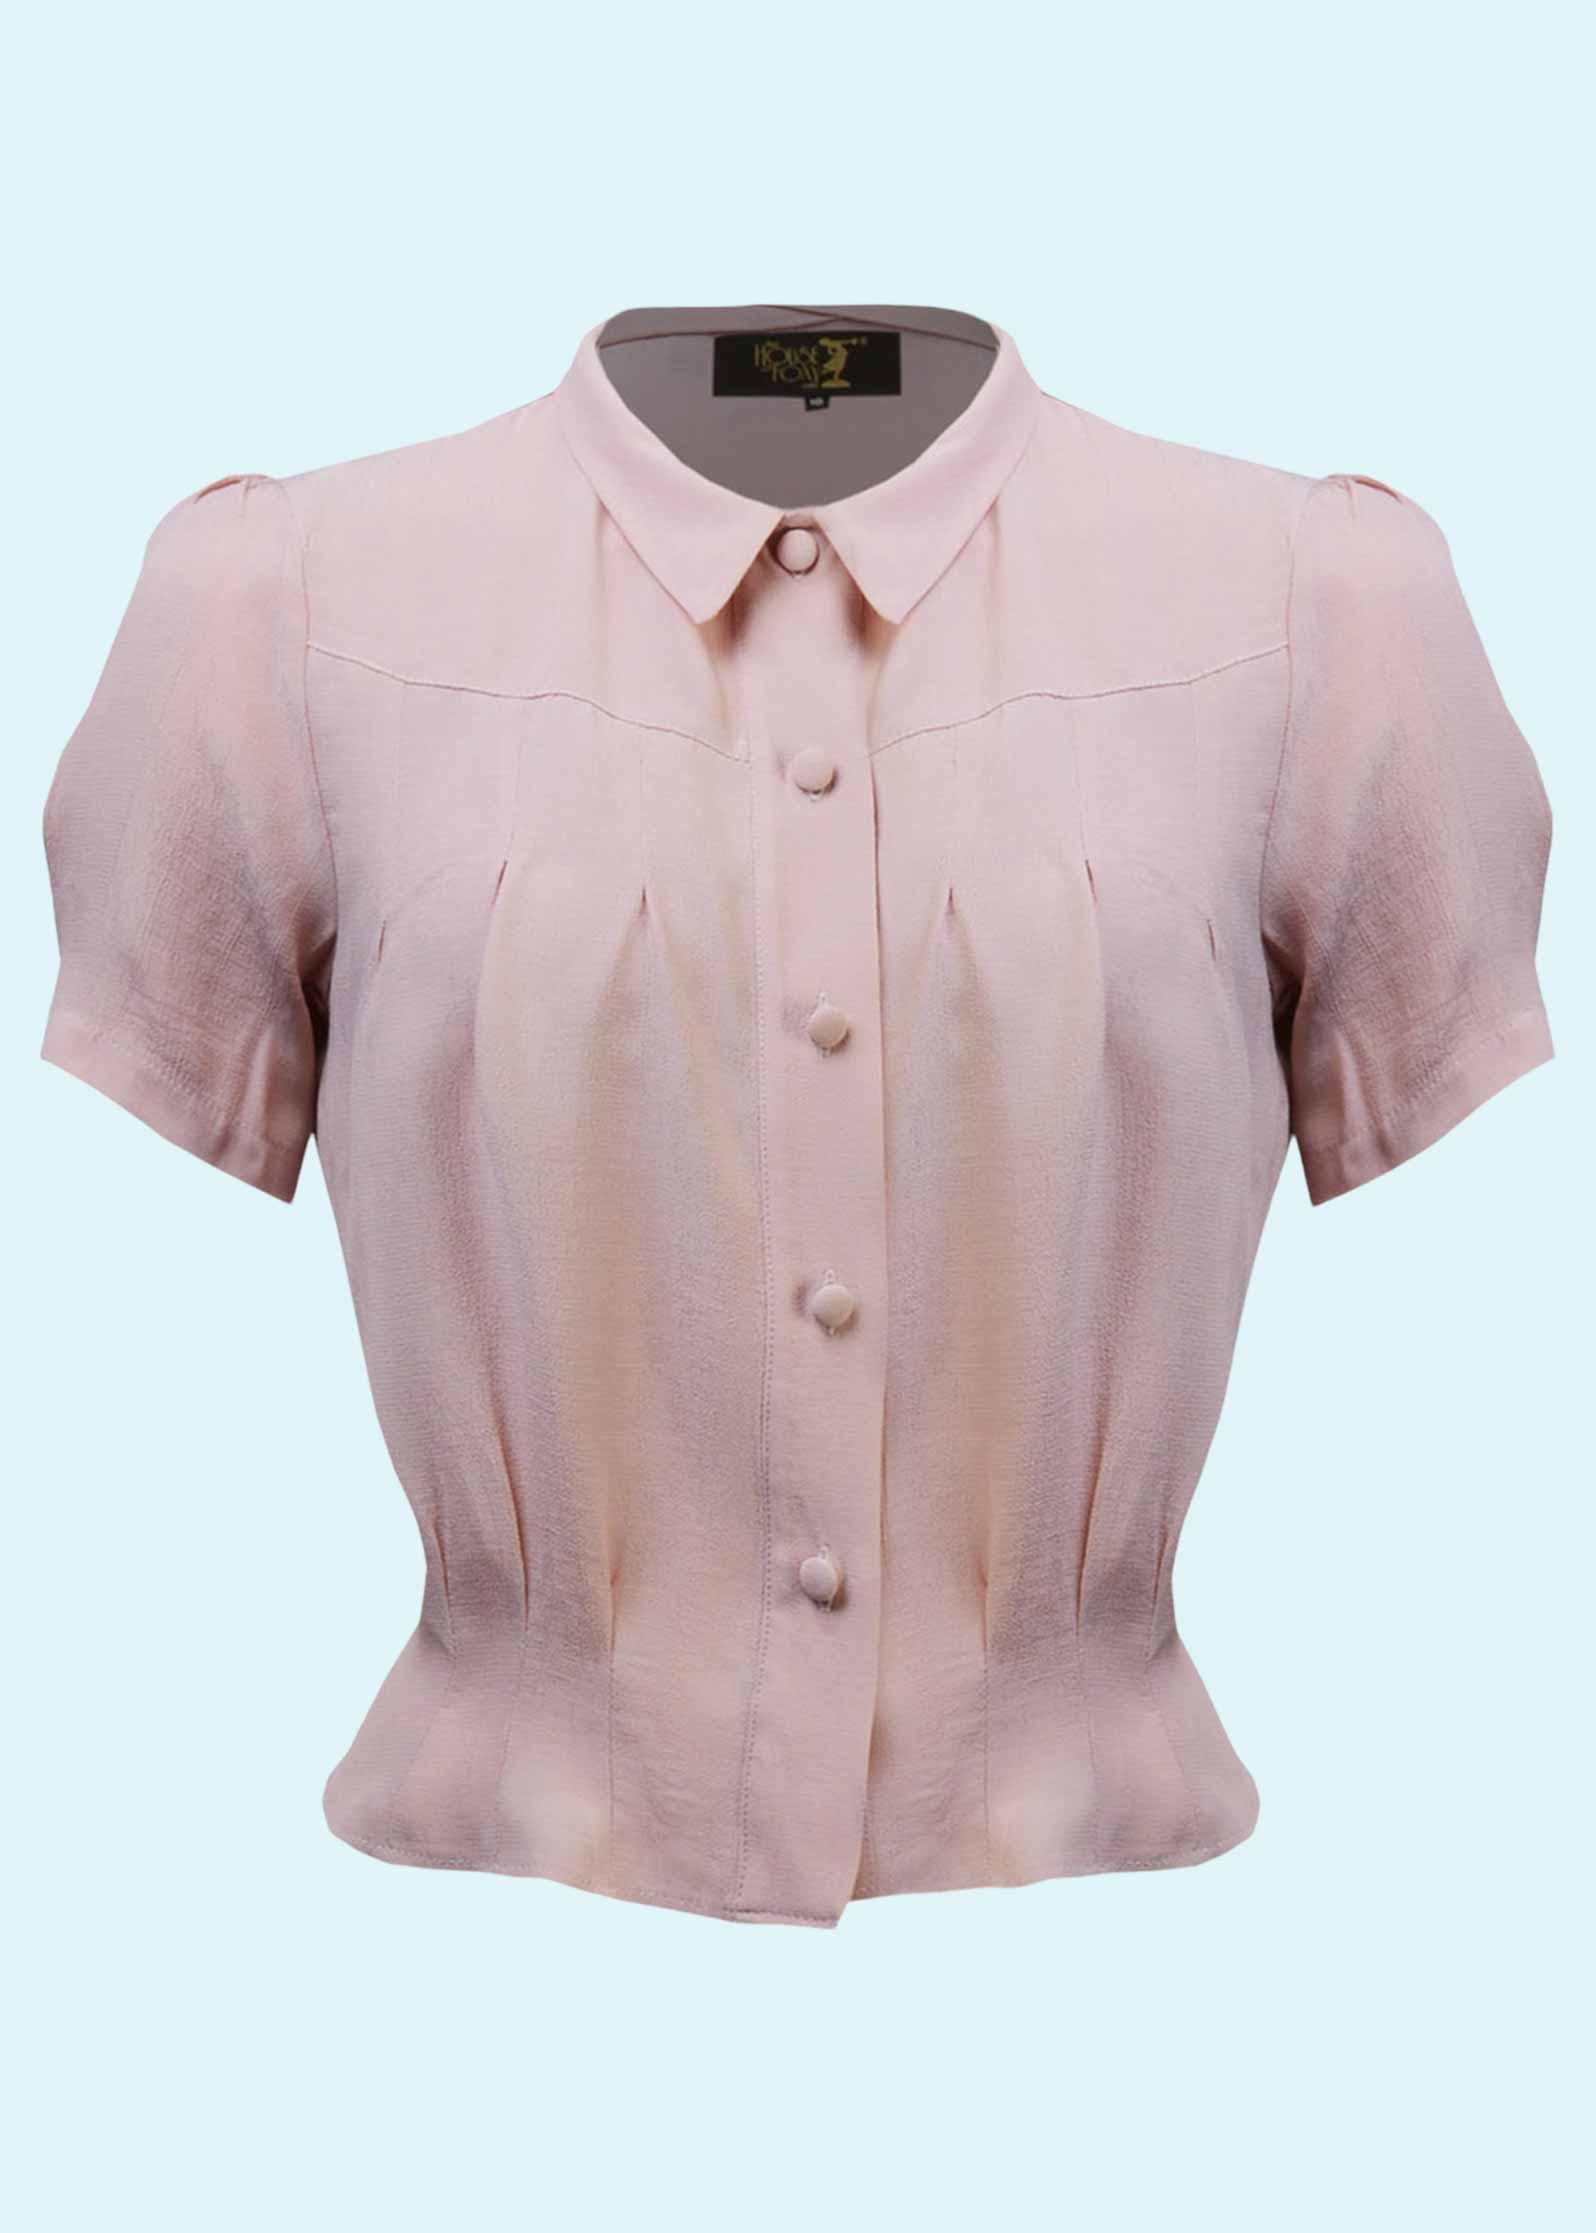 Vintage stils rosa skjorte med korte ærmer